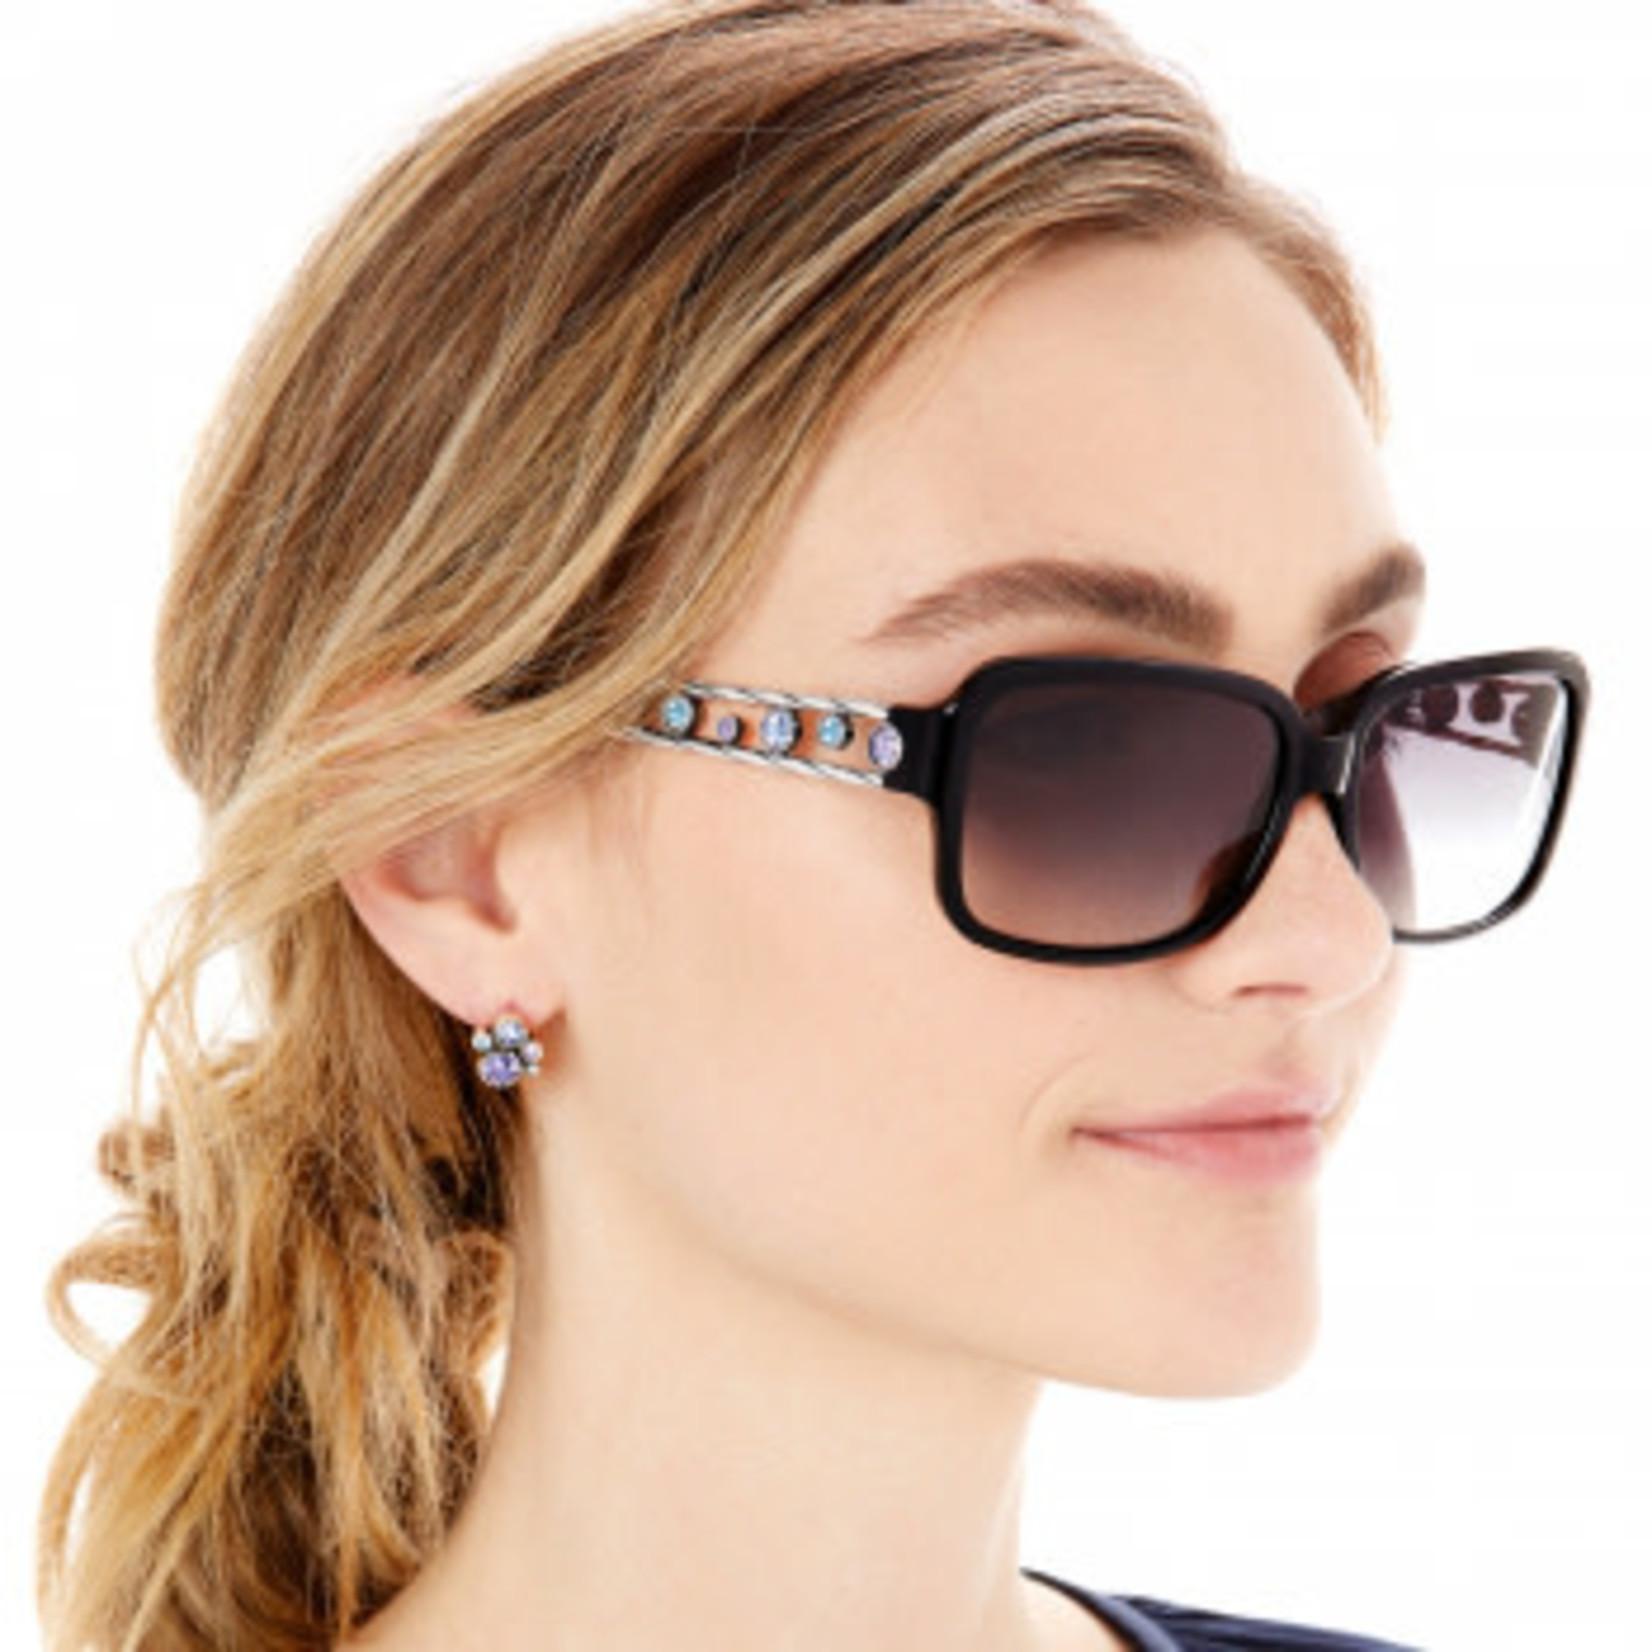 Brighton Halo Sunglasses Black-Tanzanite